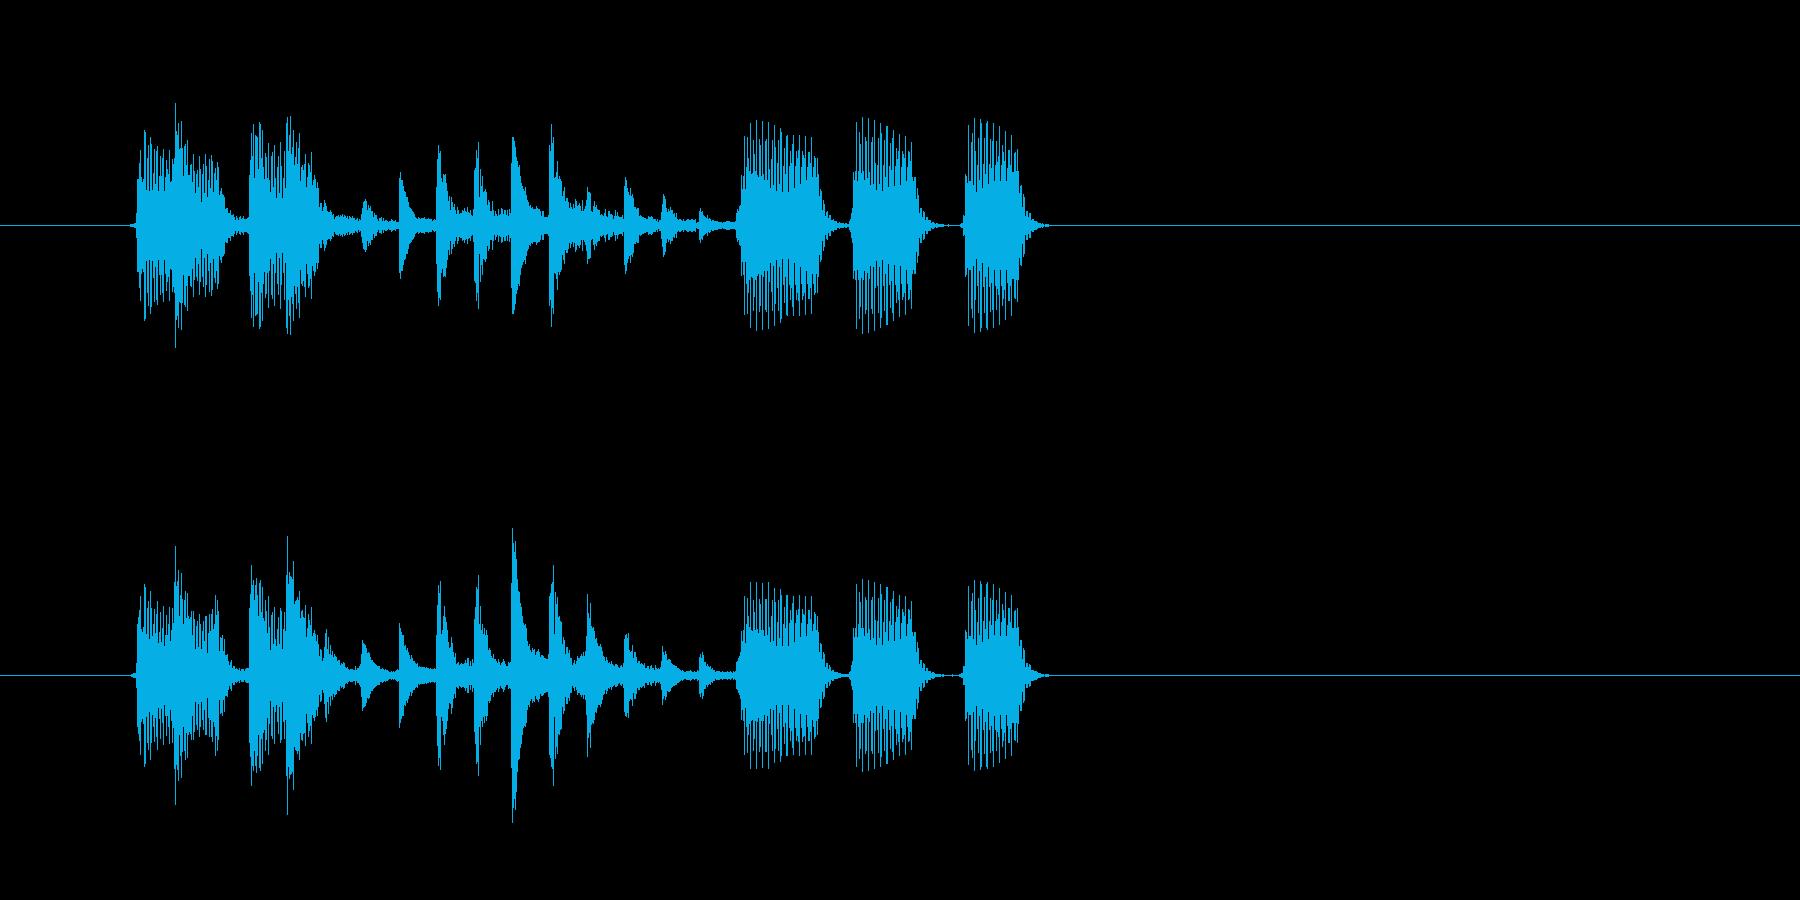 重低音が心地良いテクノポップスの再生済みの波形